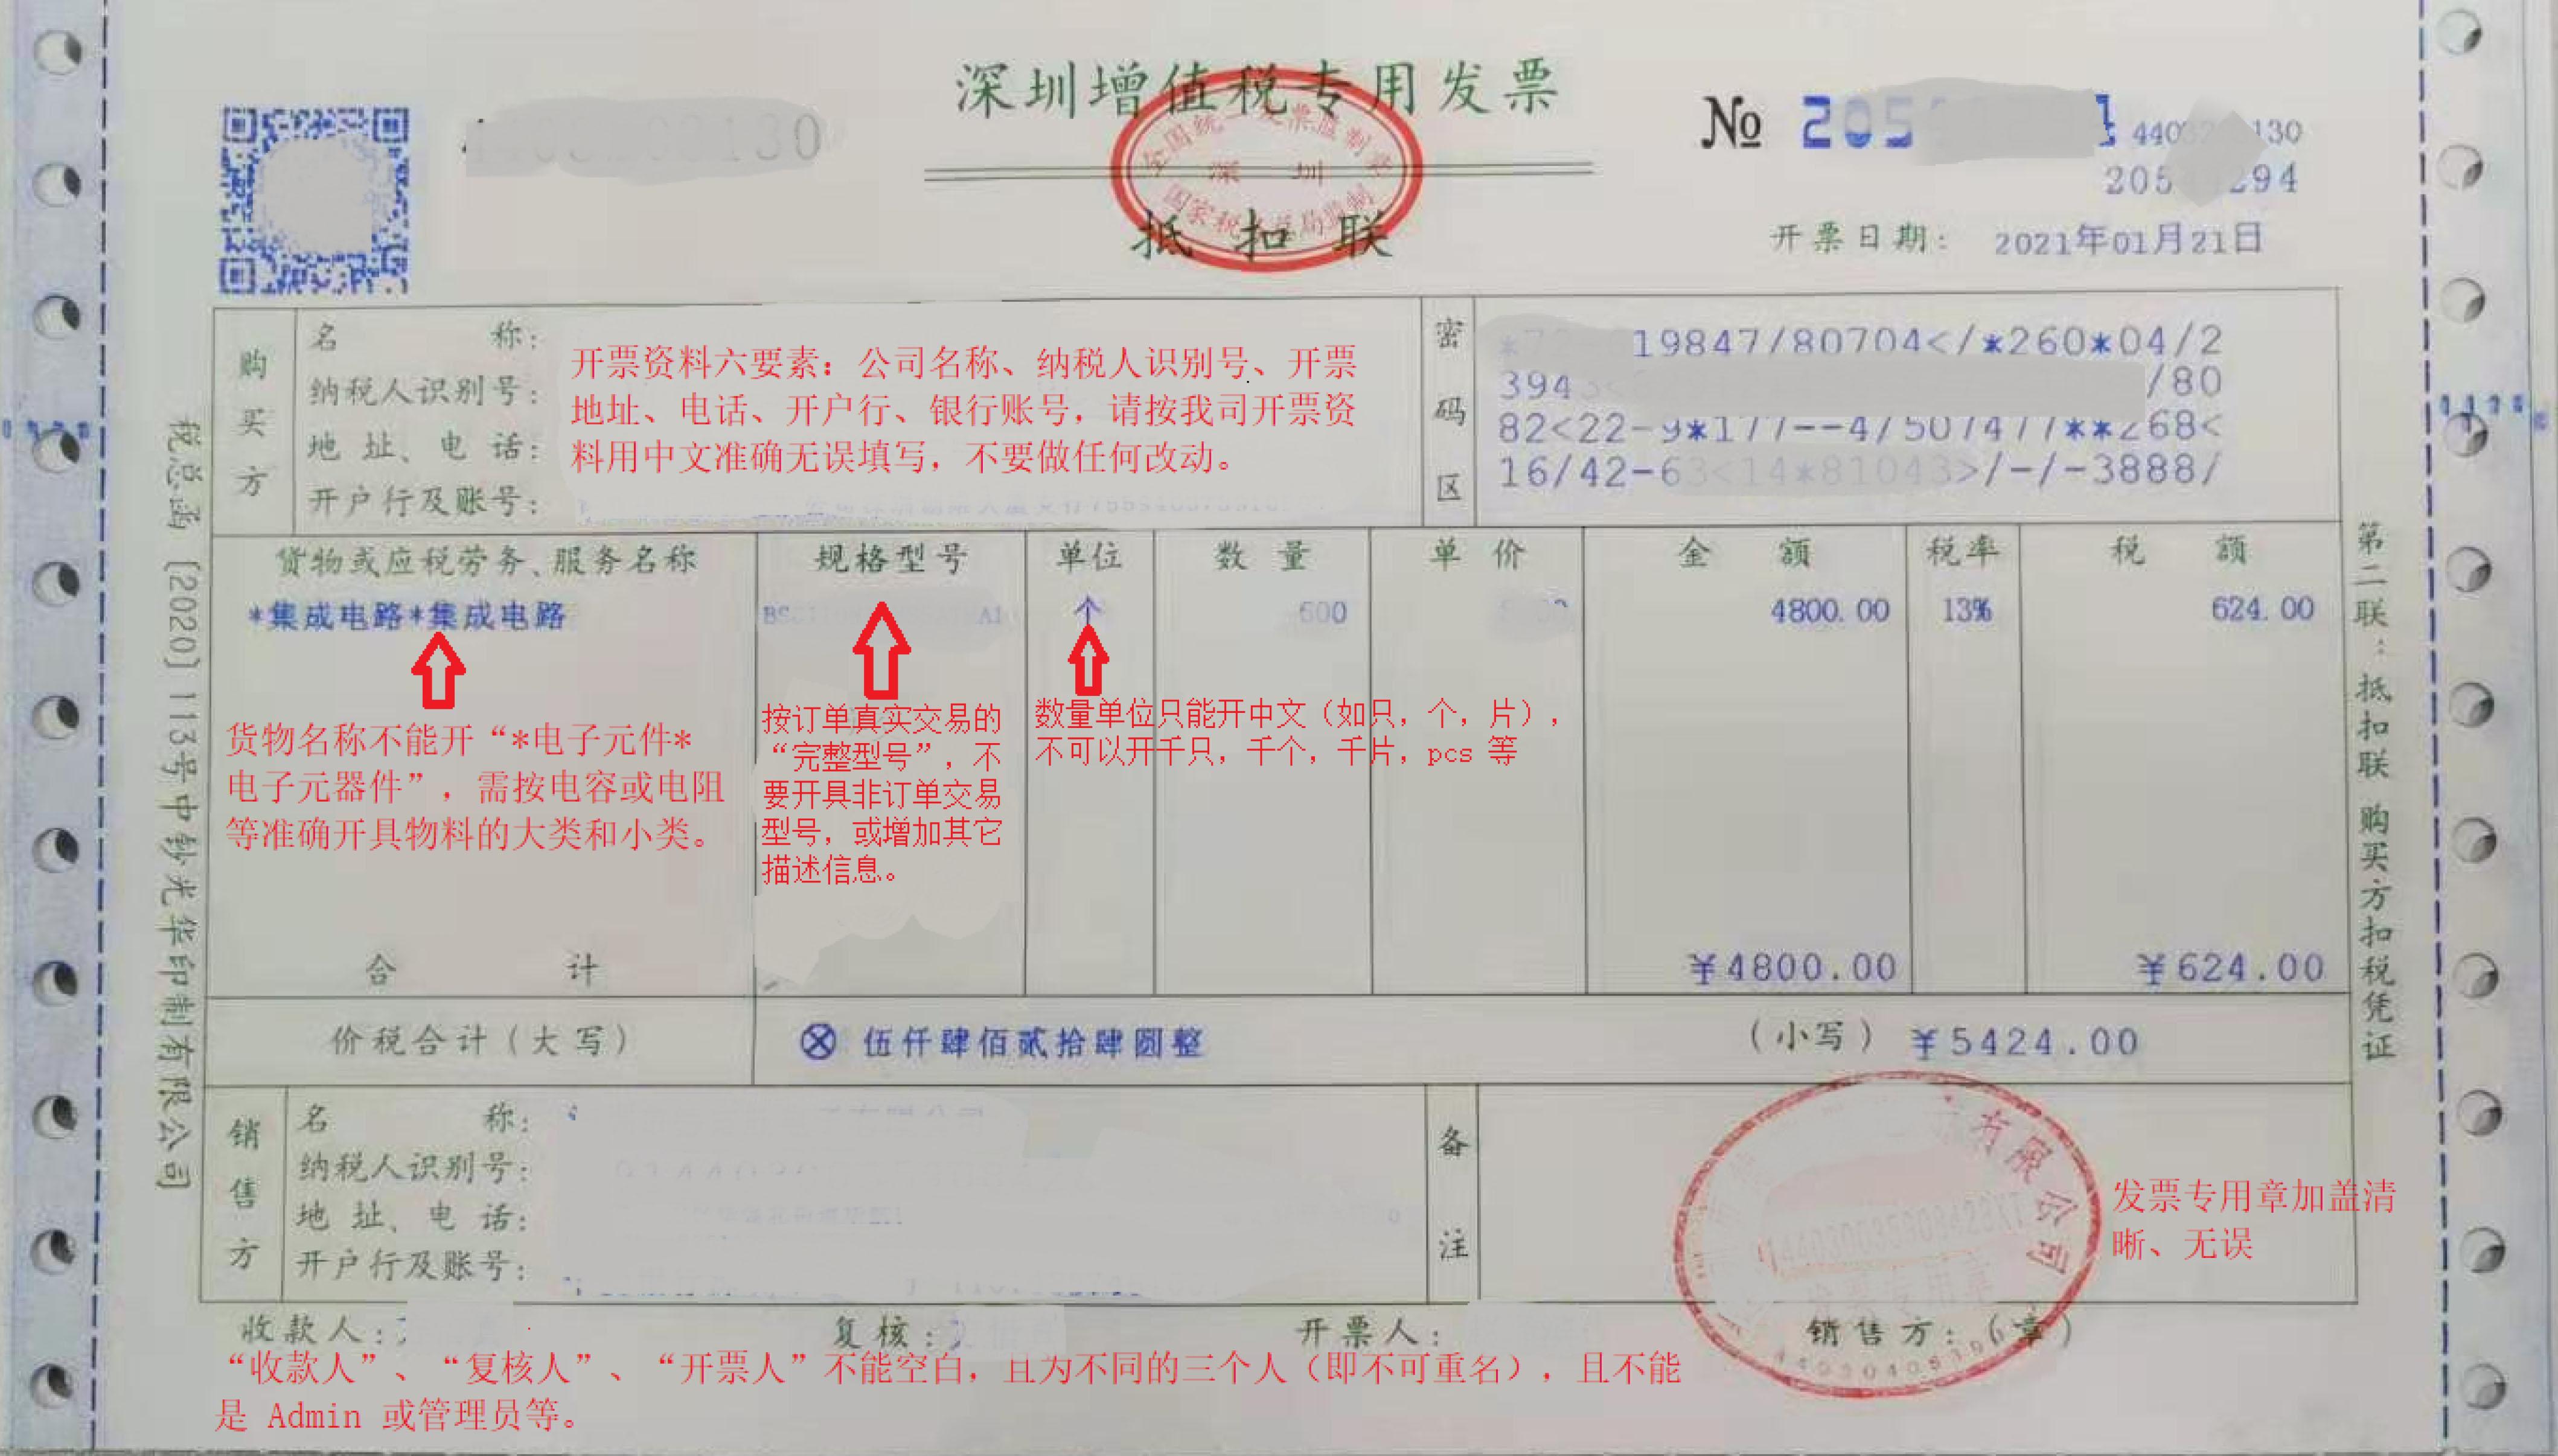 九州电子之家开票资料及开票要求2021.3.jpg